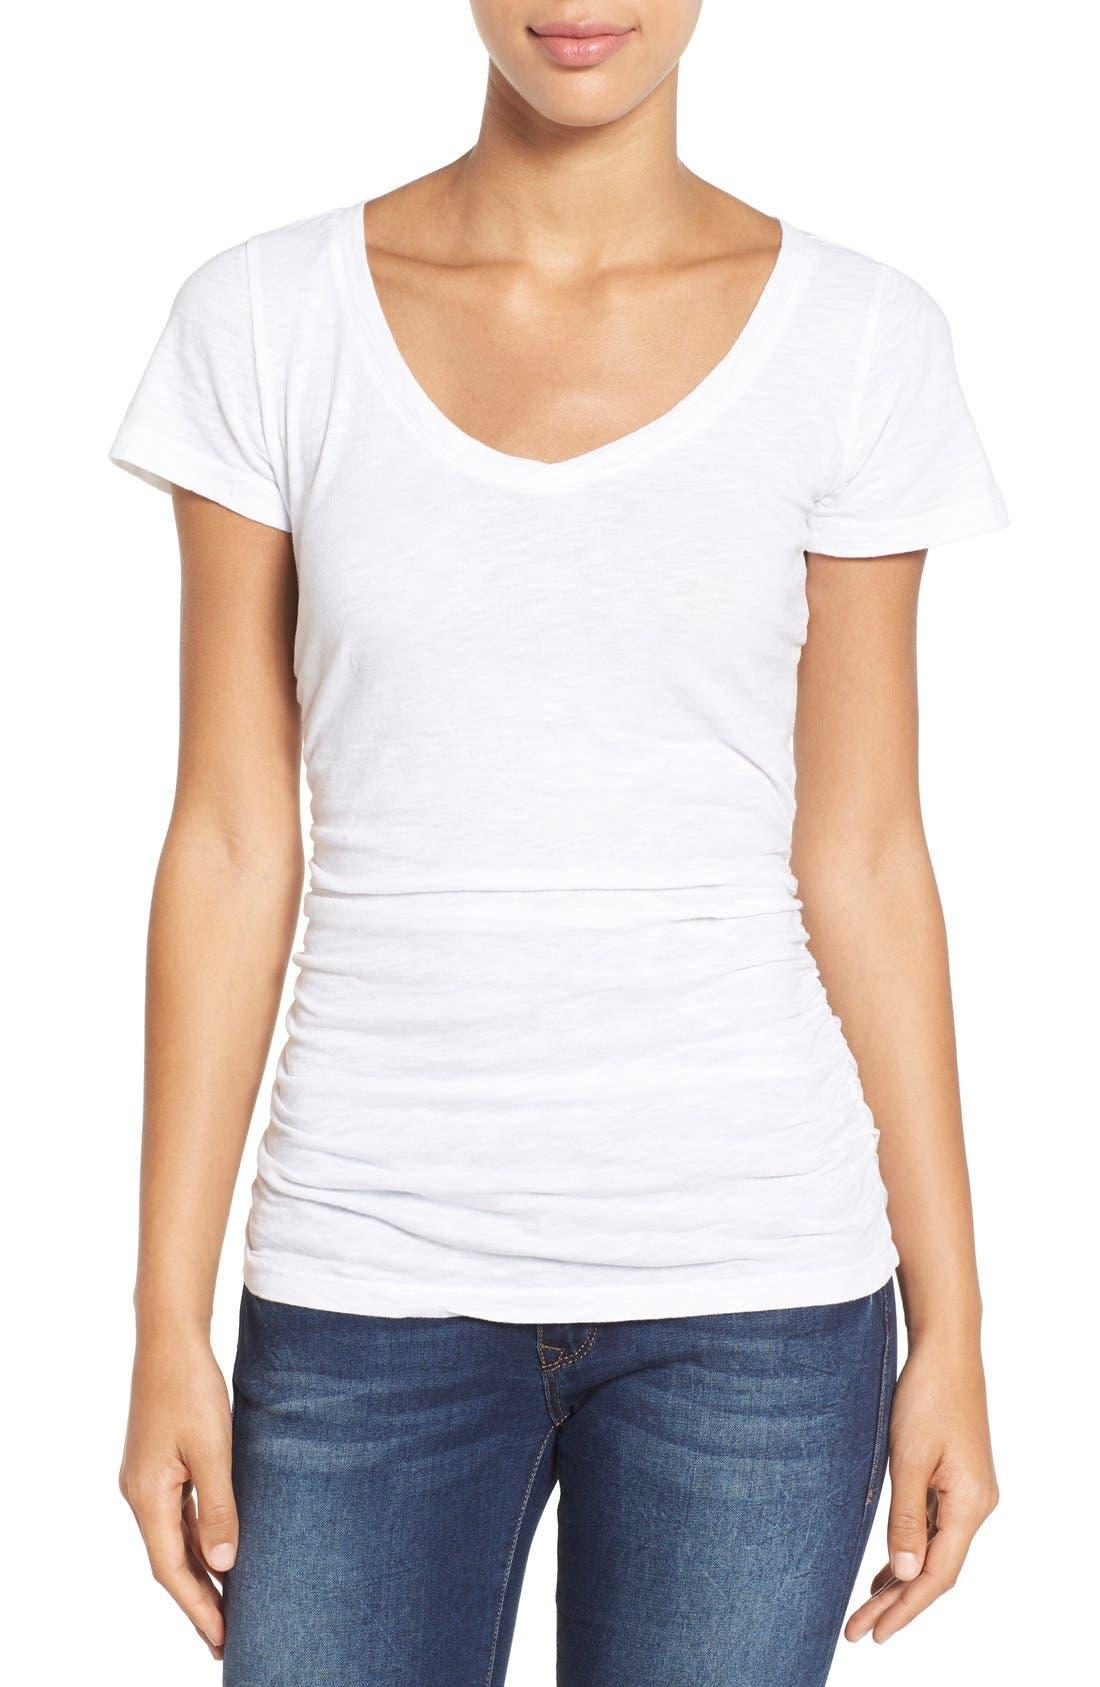 NEW Lily Loves V-Neck T-shirt